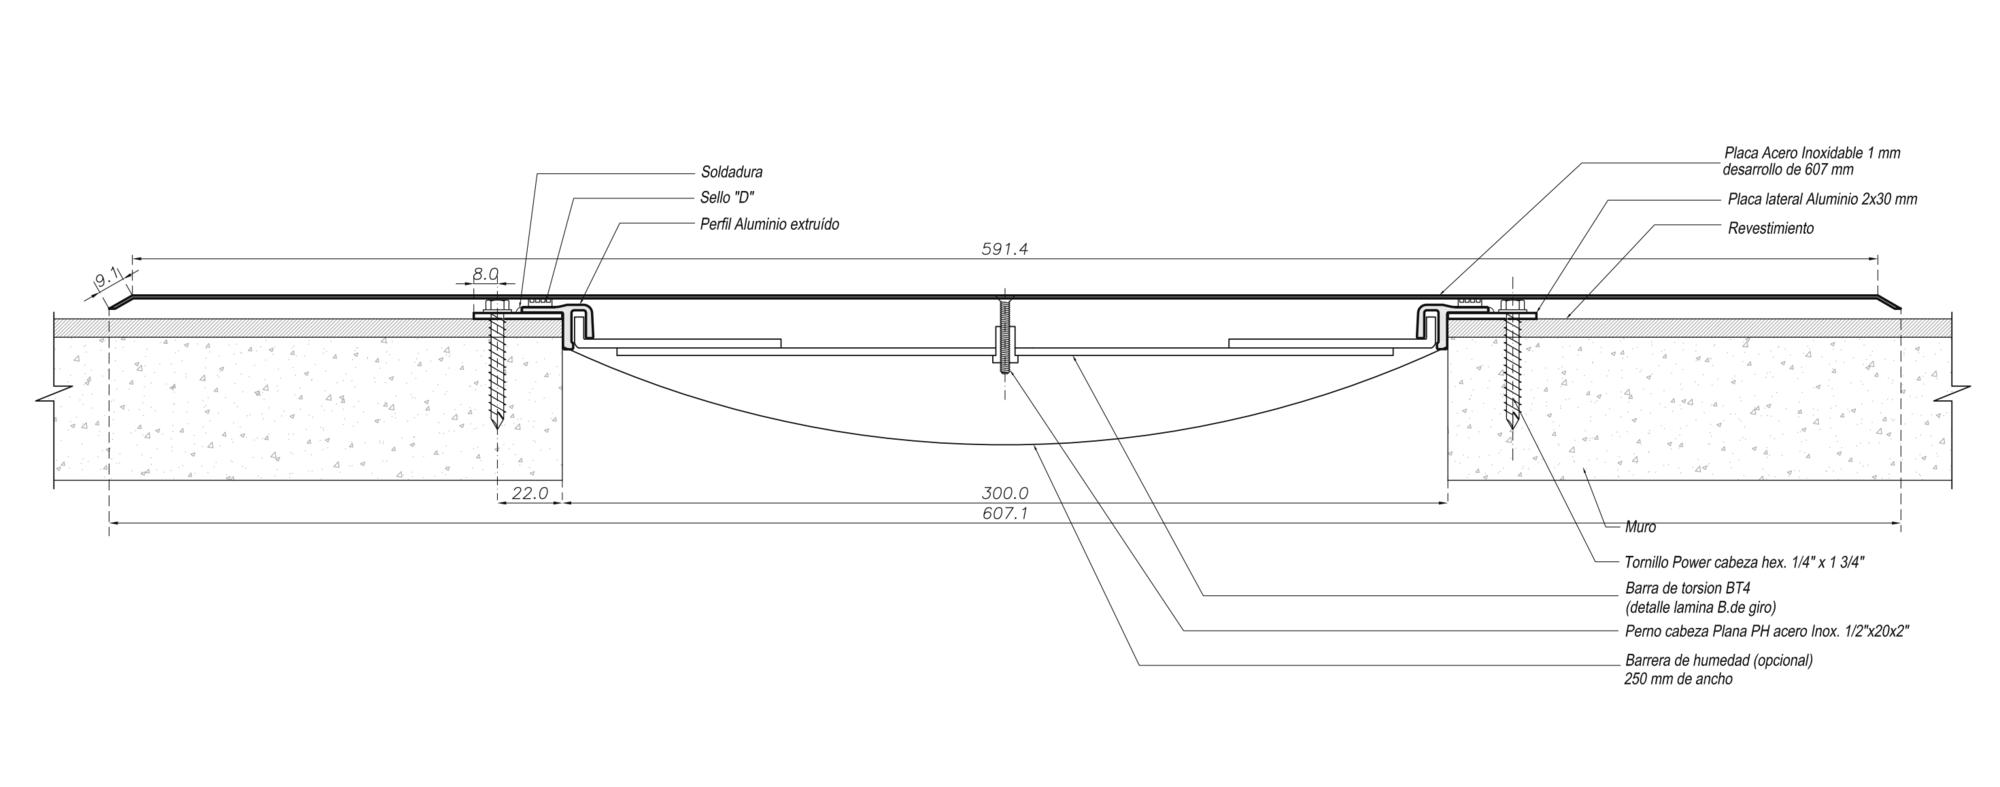 Cubrejunta Muro Acero Sobrepuesta (CMACS) / Sysprotec